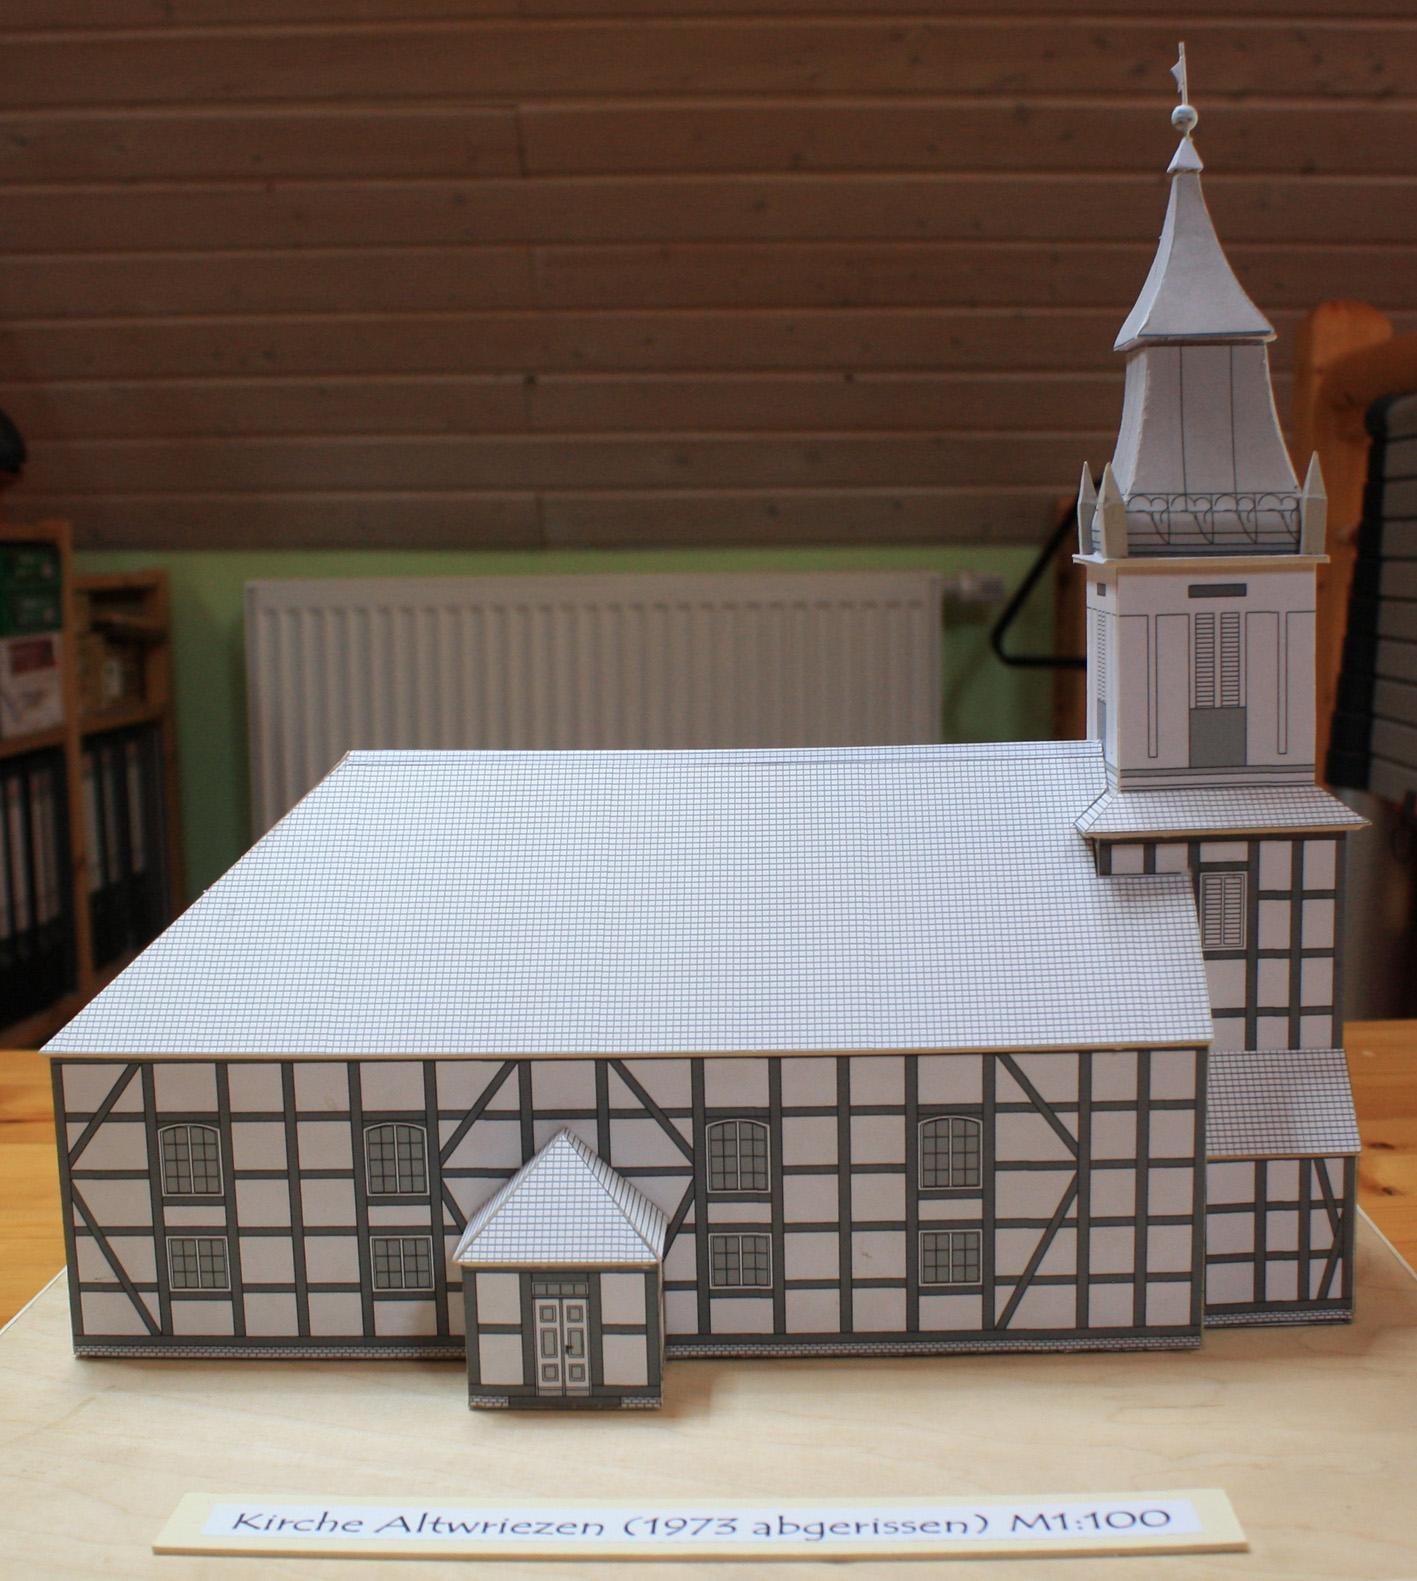 Kirche Altwriezen 03